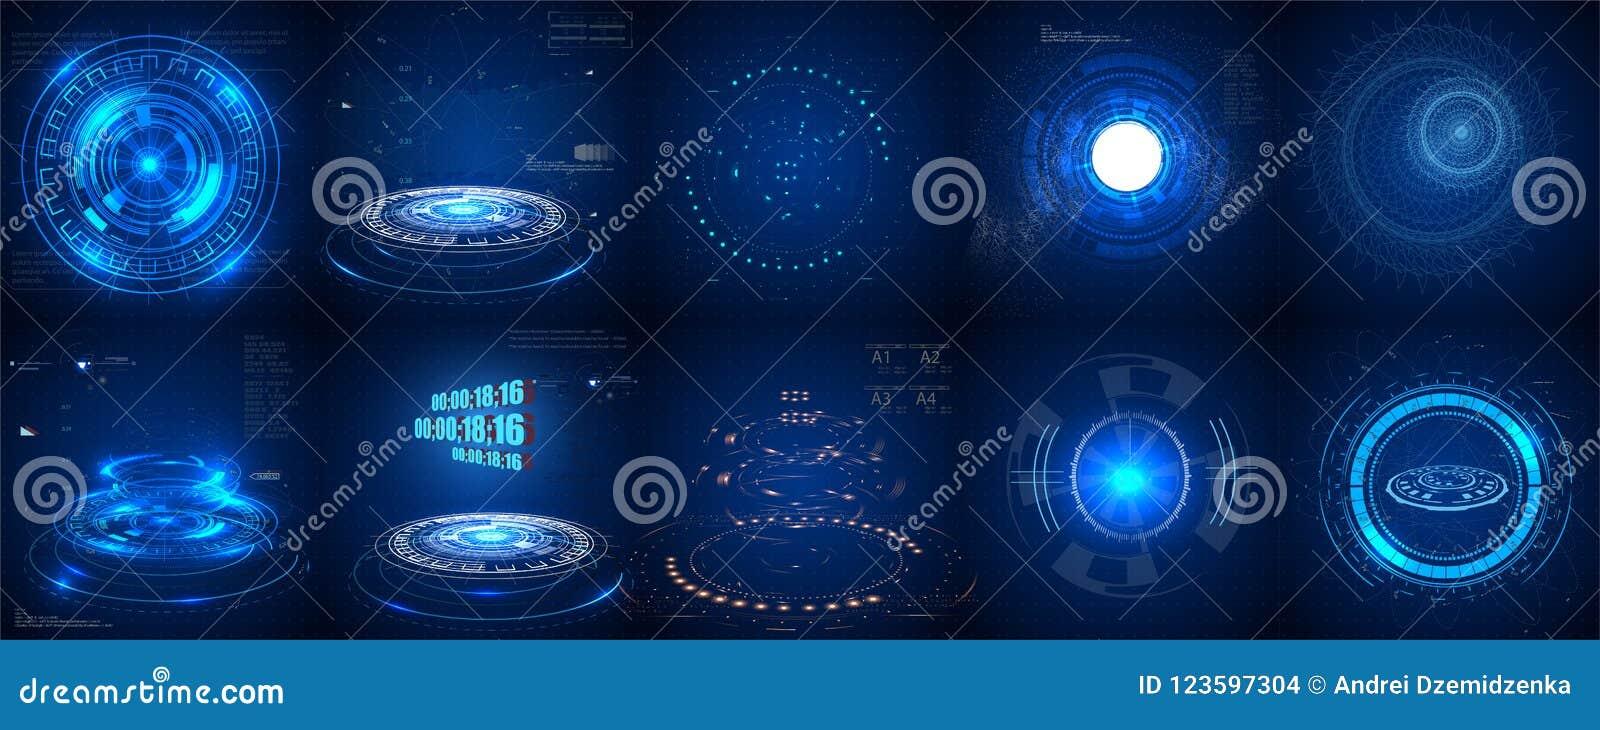 Элемент Hud футуристический Комплект технологии UI футуристического HUD конспекта круга цифровой